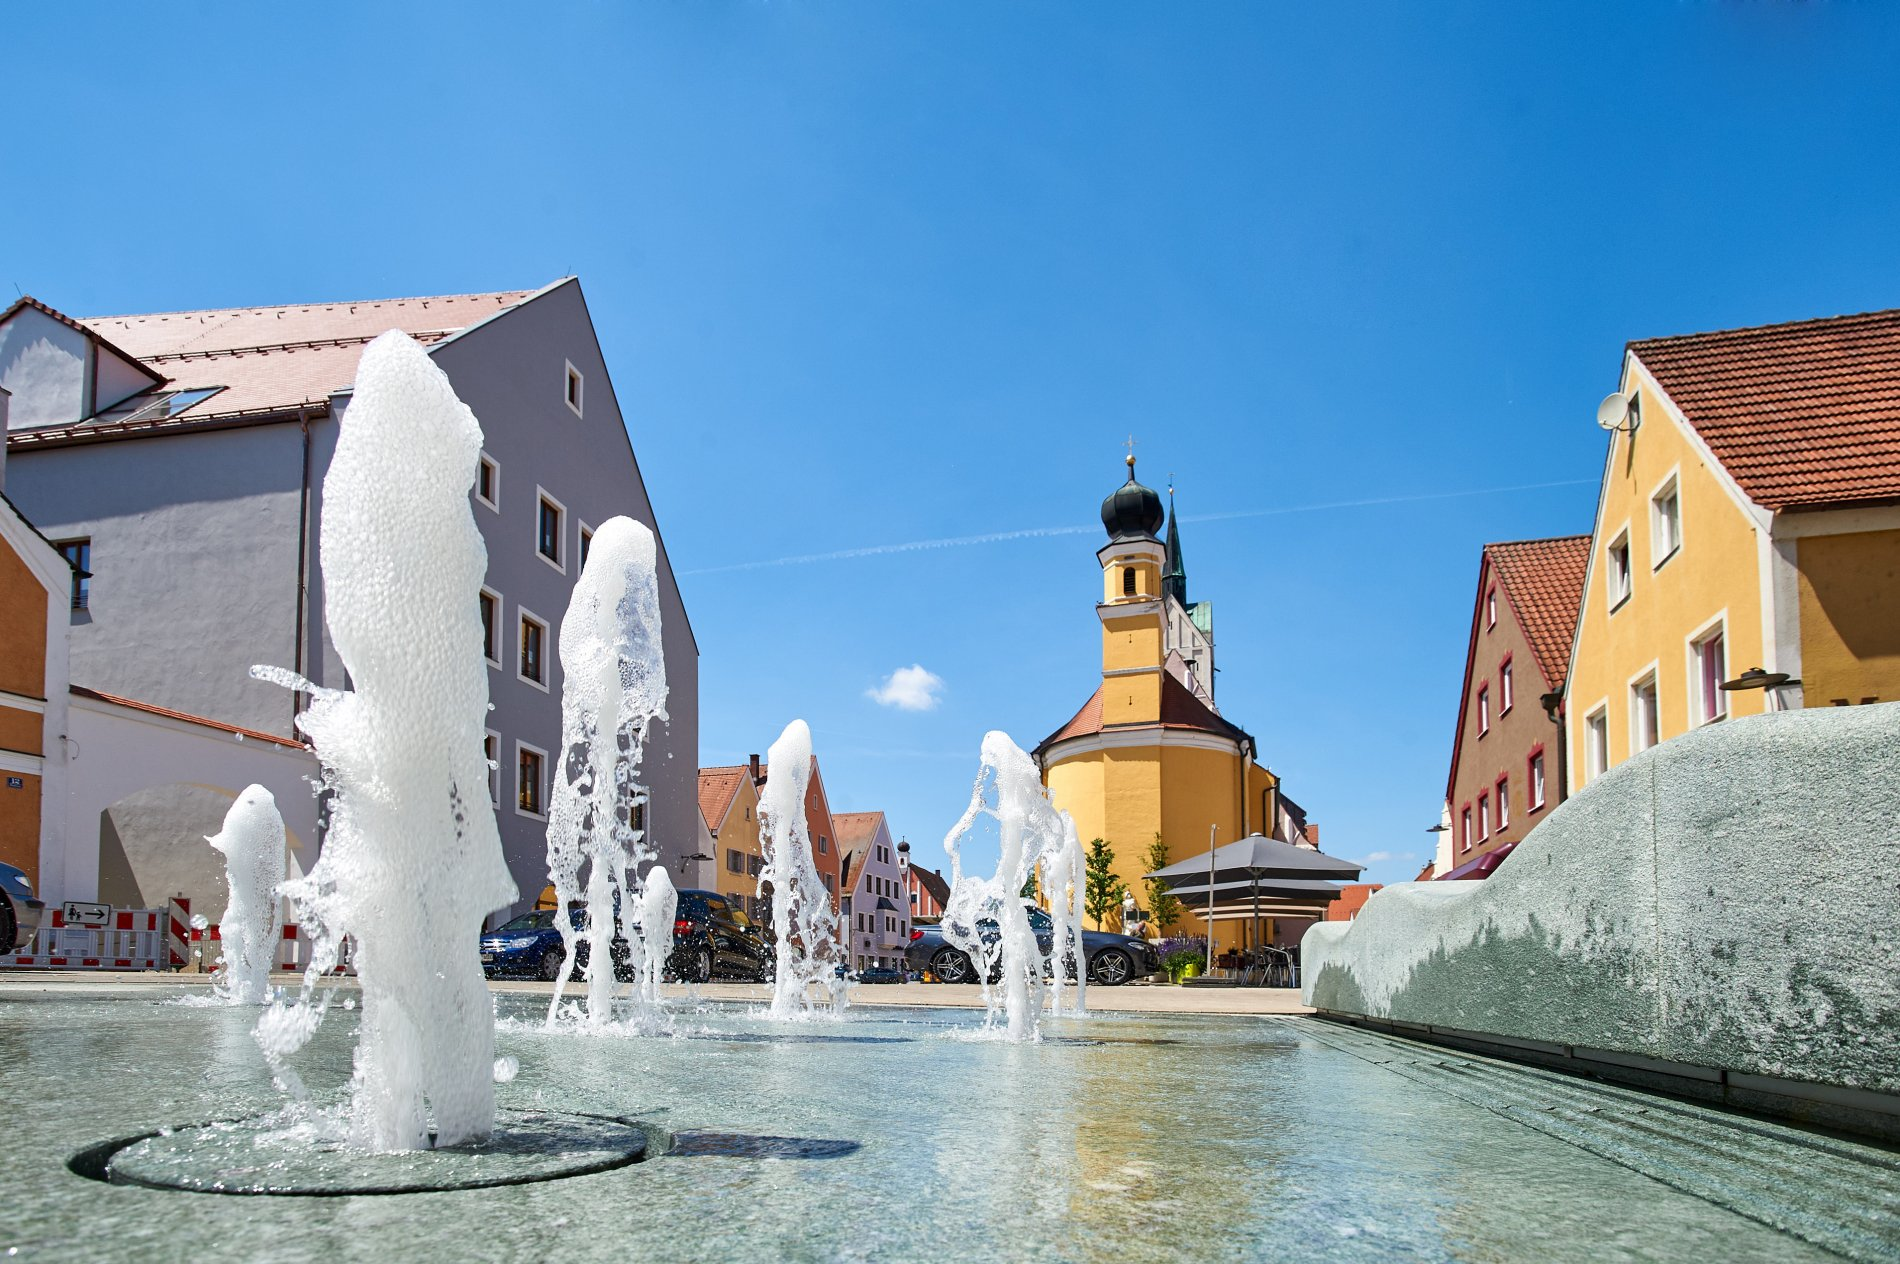 Stadtplatz Neustadt an der Donau - Perfekt für eine gemütliche Einkehr.